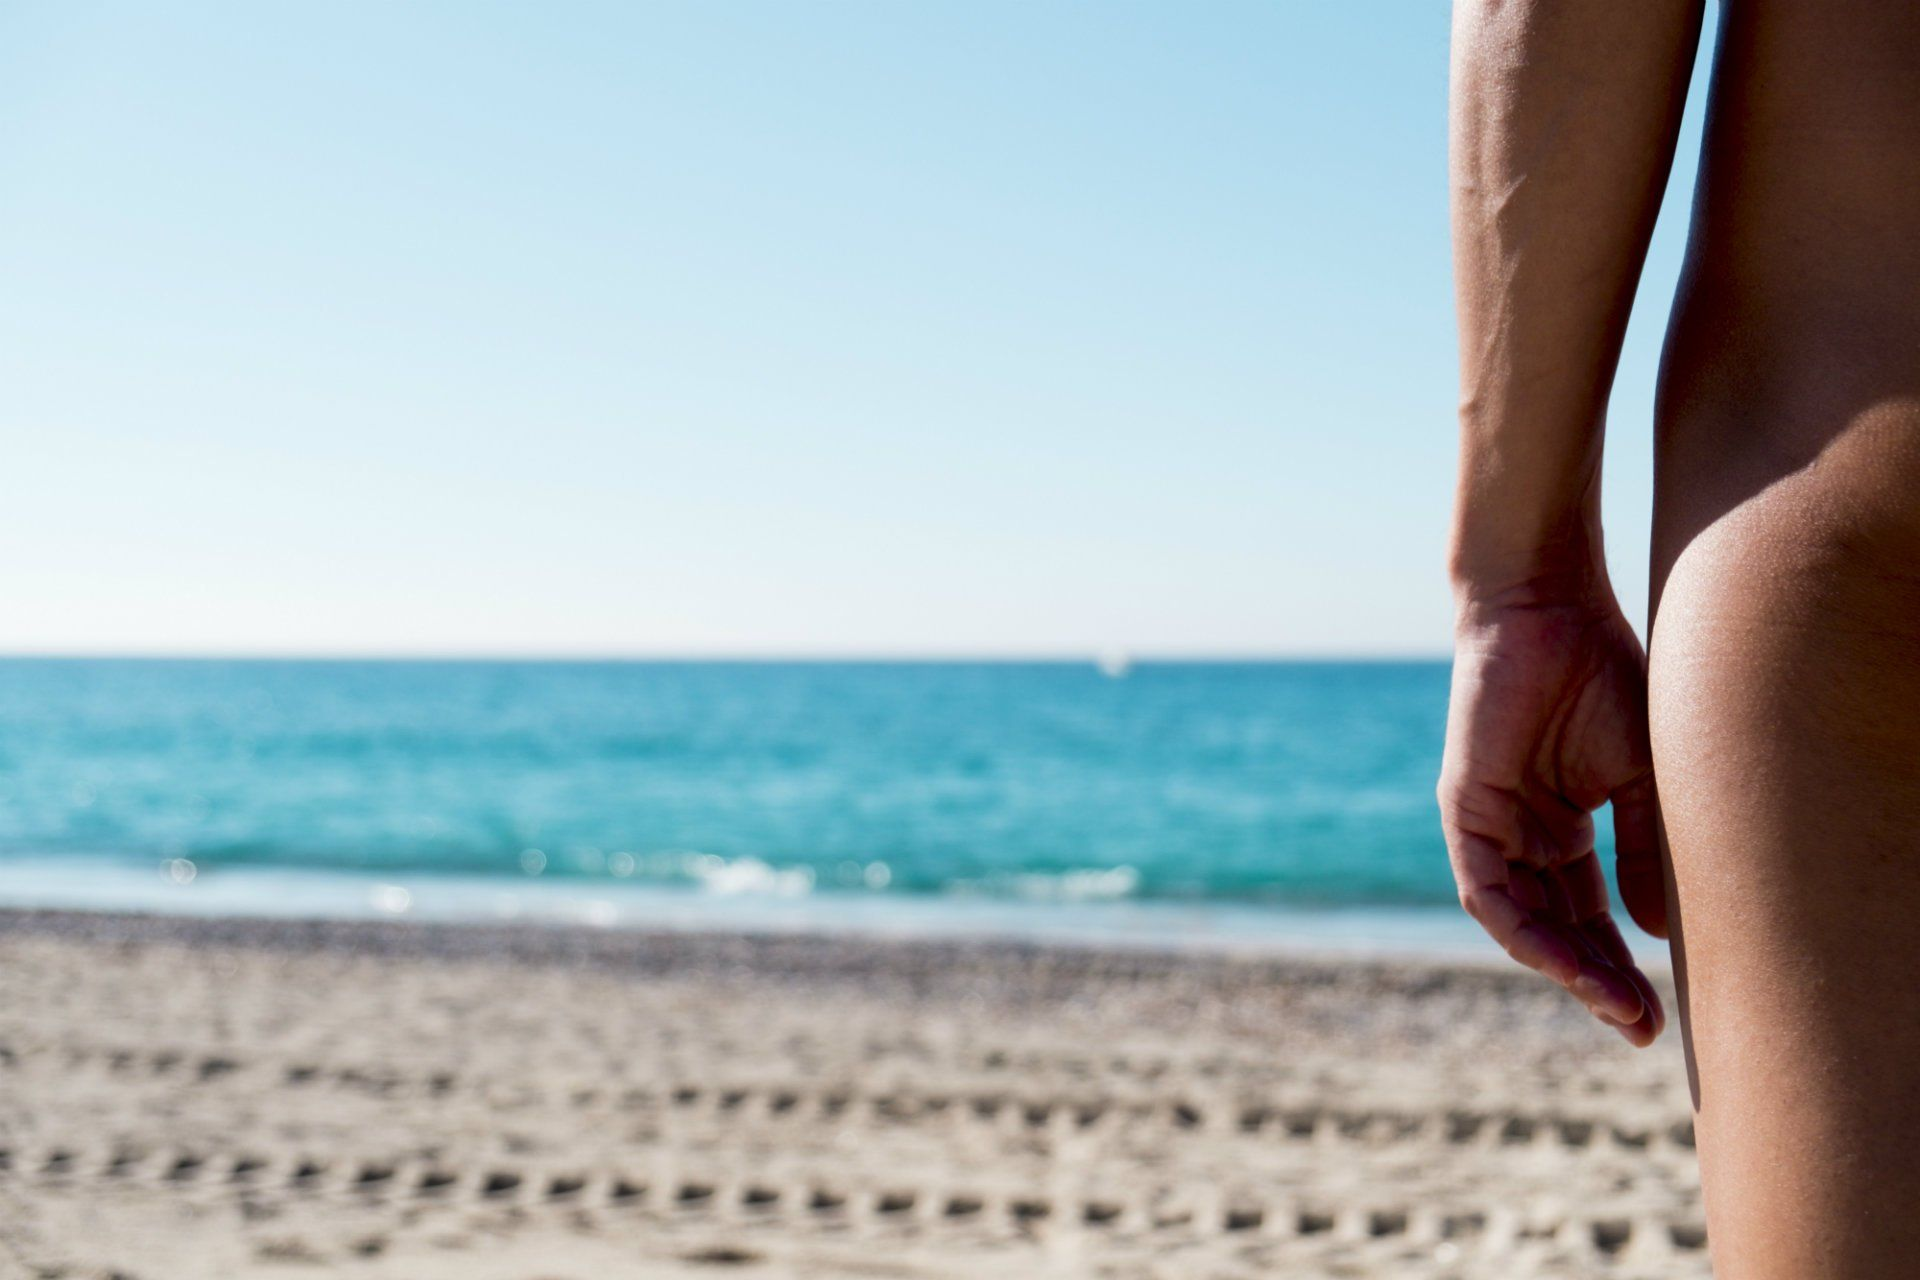 nudiste-homme-plage-océan-shutterstock_509266600